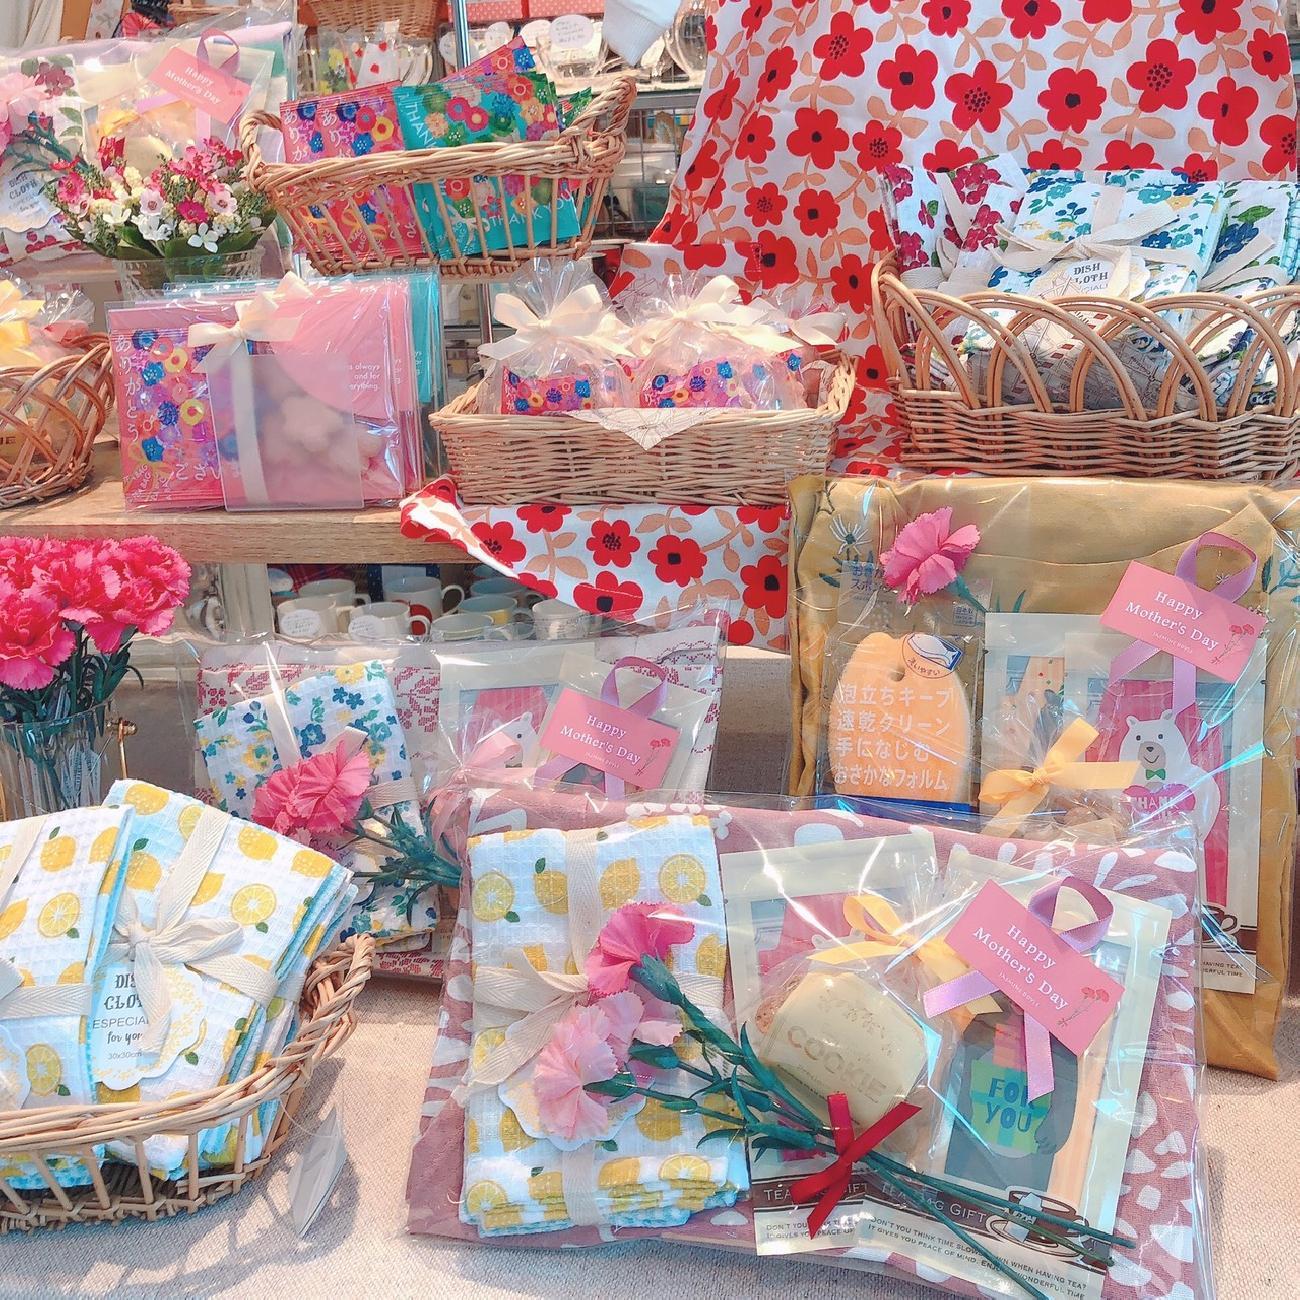 母の日/贈り物/プレゼント/ギフト/感謝/ありがとう/雑貨/雑貨屋/津山/岡山